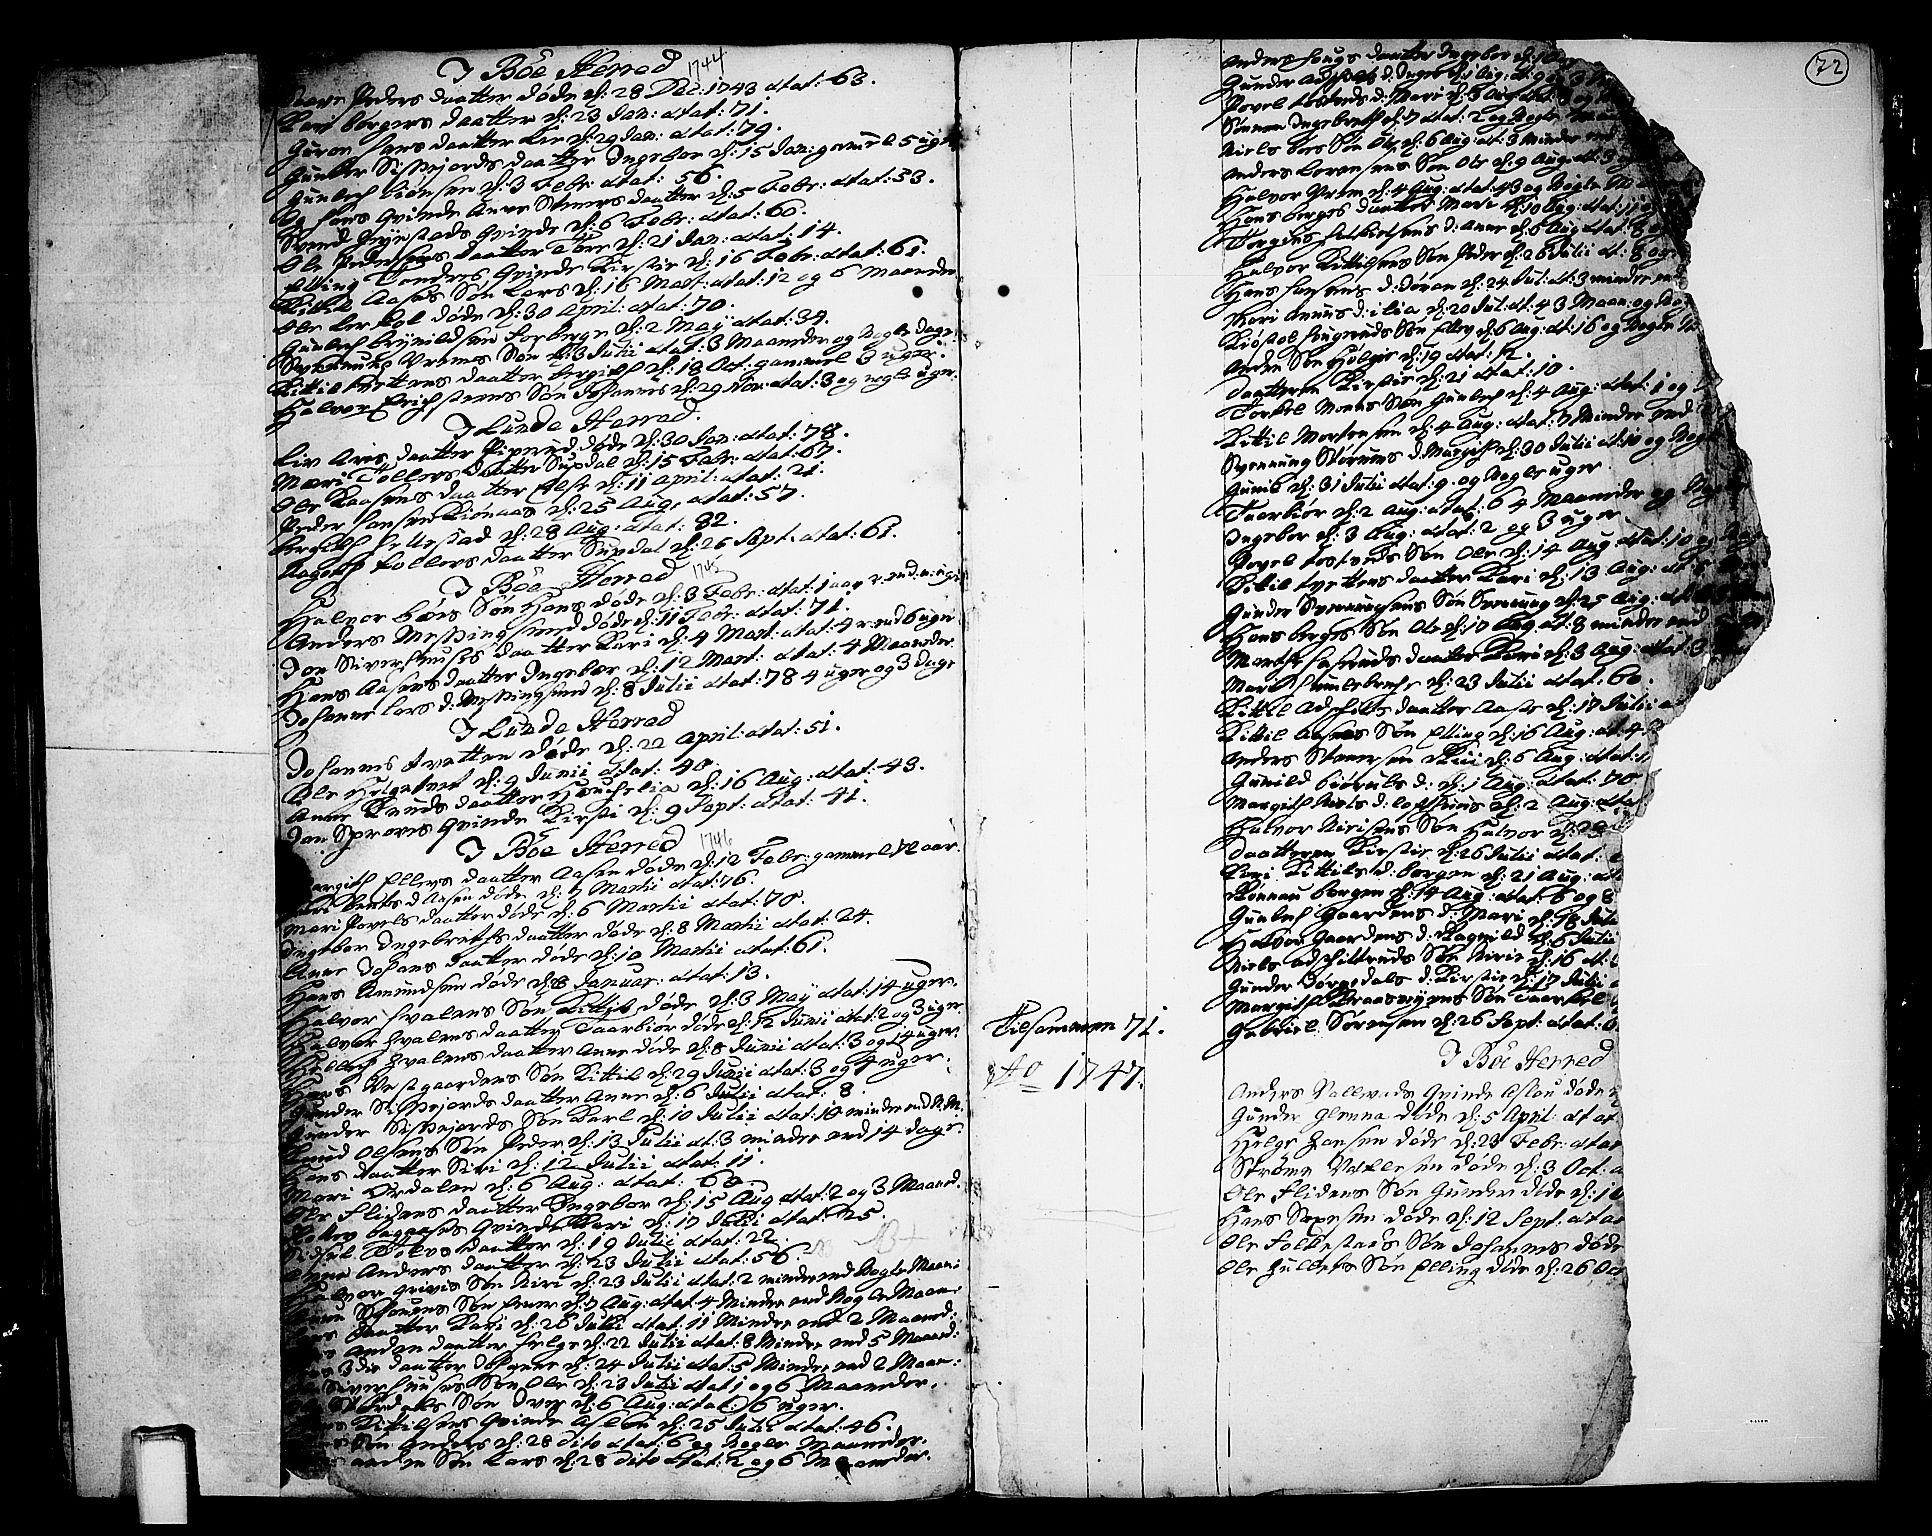 SAKO, Bø kirkebøker, F/Fa/L0003: Ministerialbok nr. 3, 1733-1748, s. 72